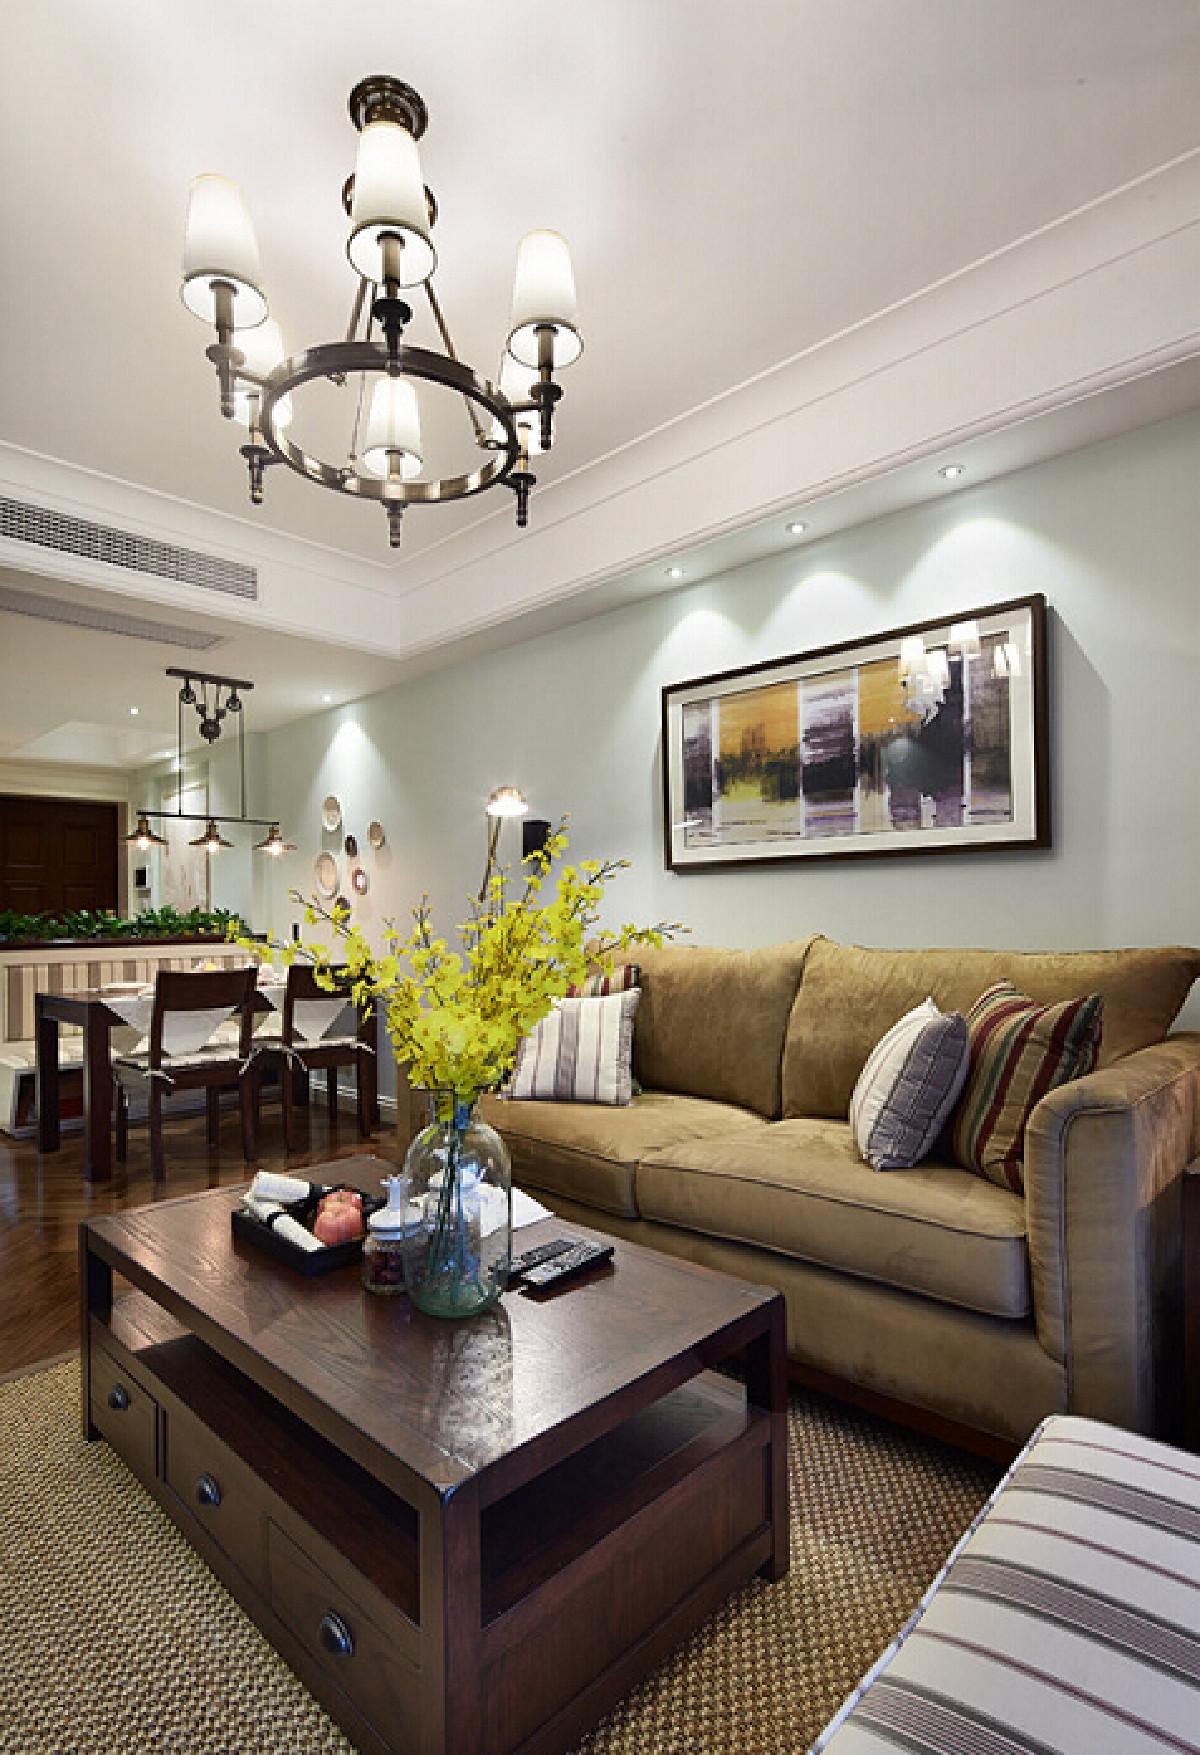 简美风格客厅效果图